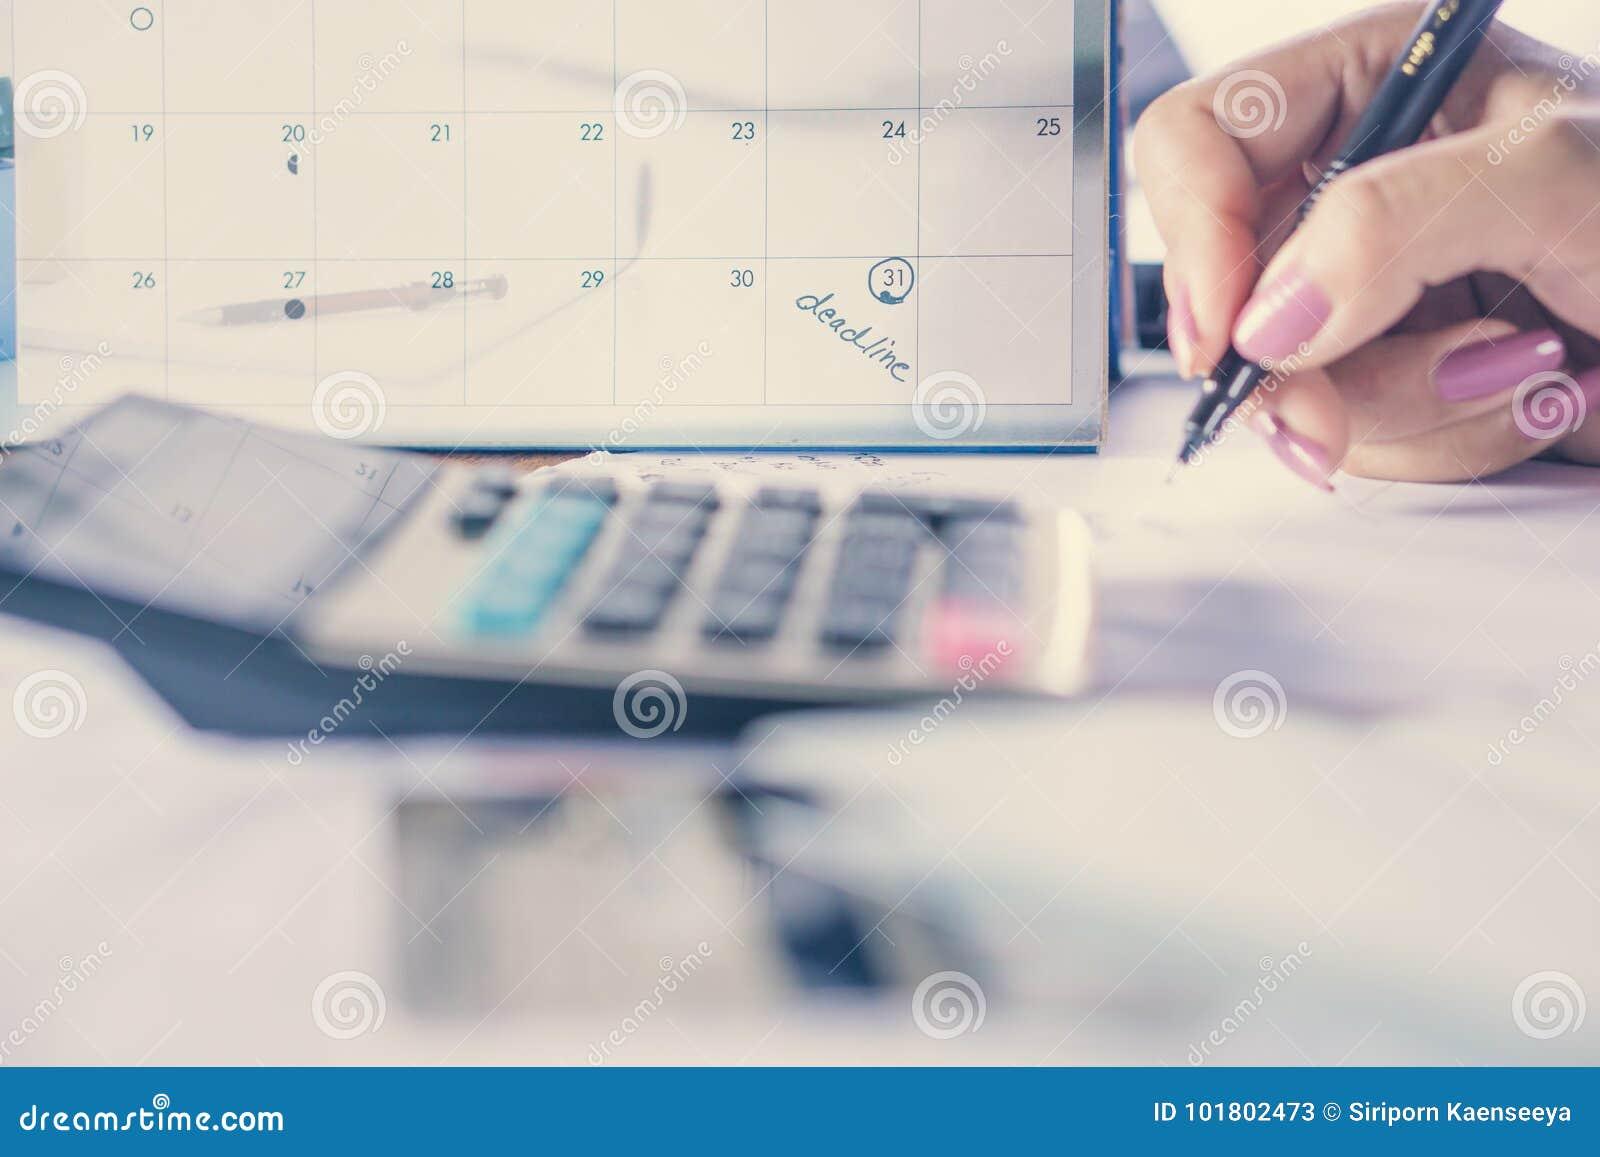 online debt repayment calculator